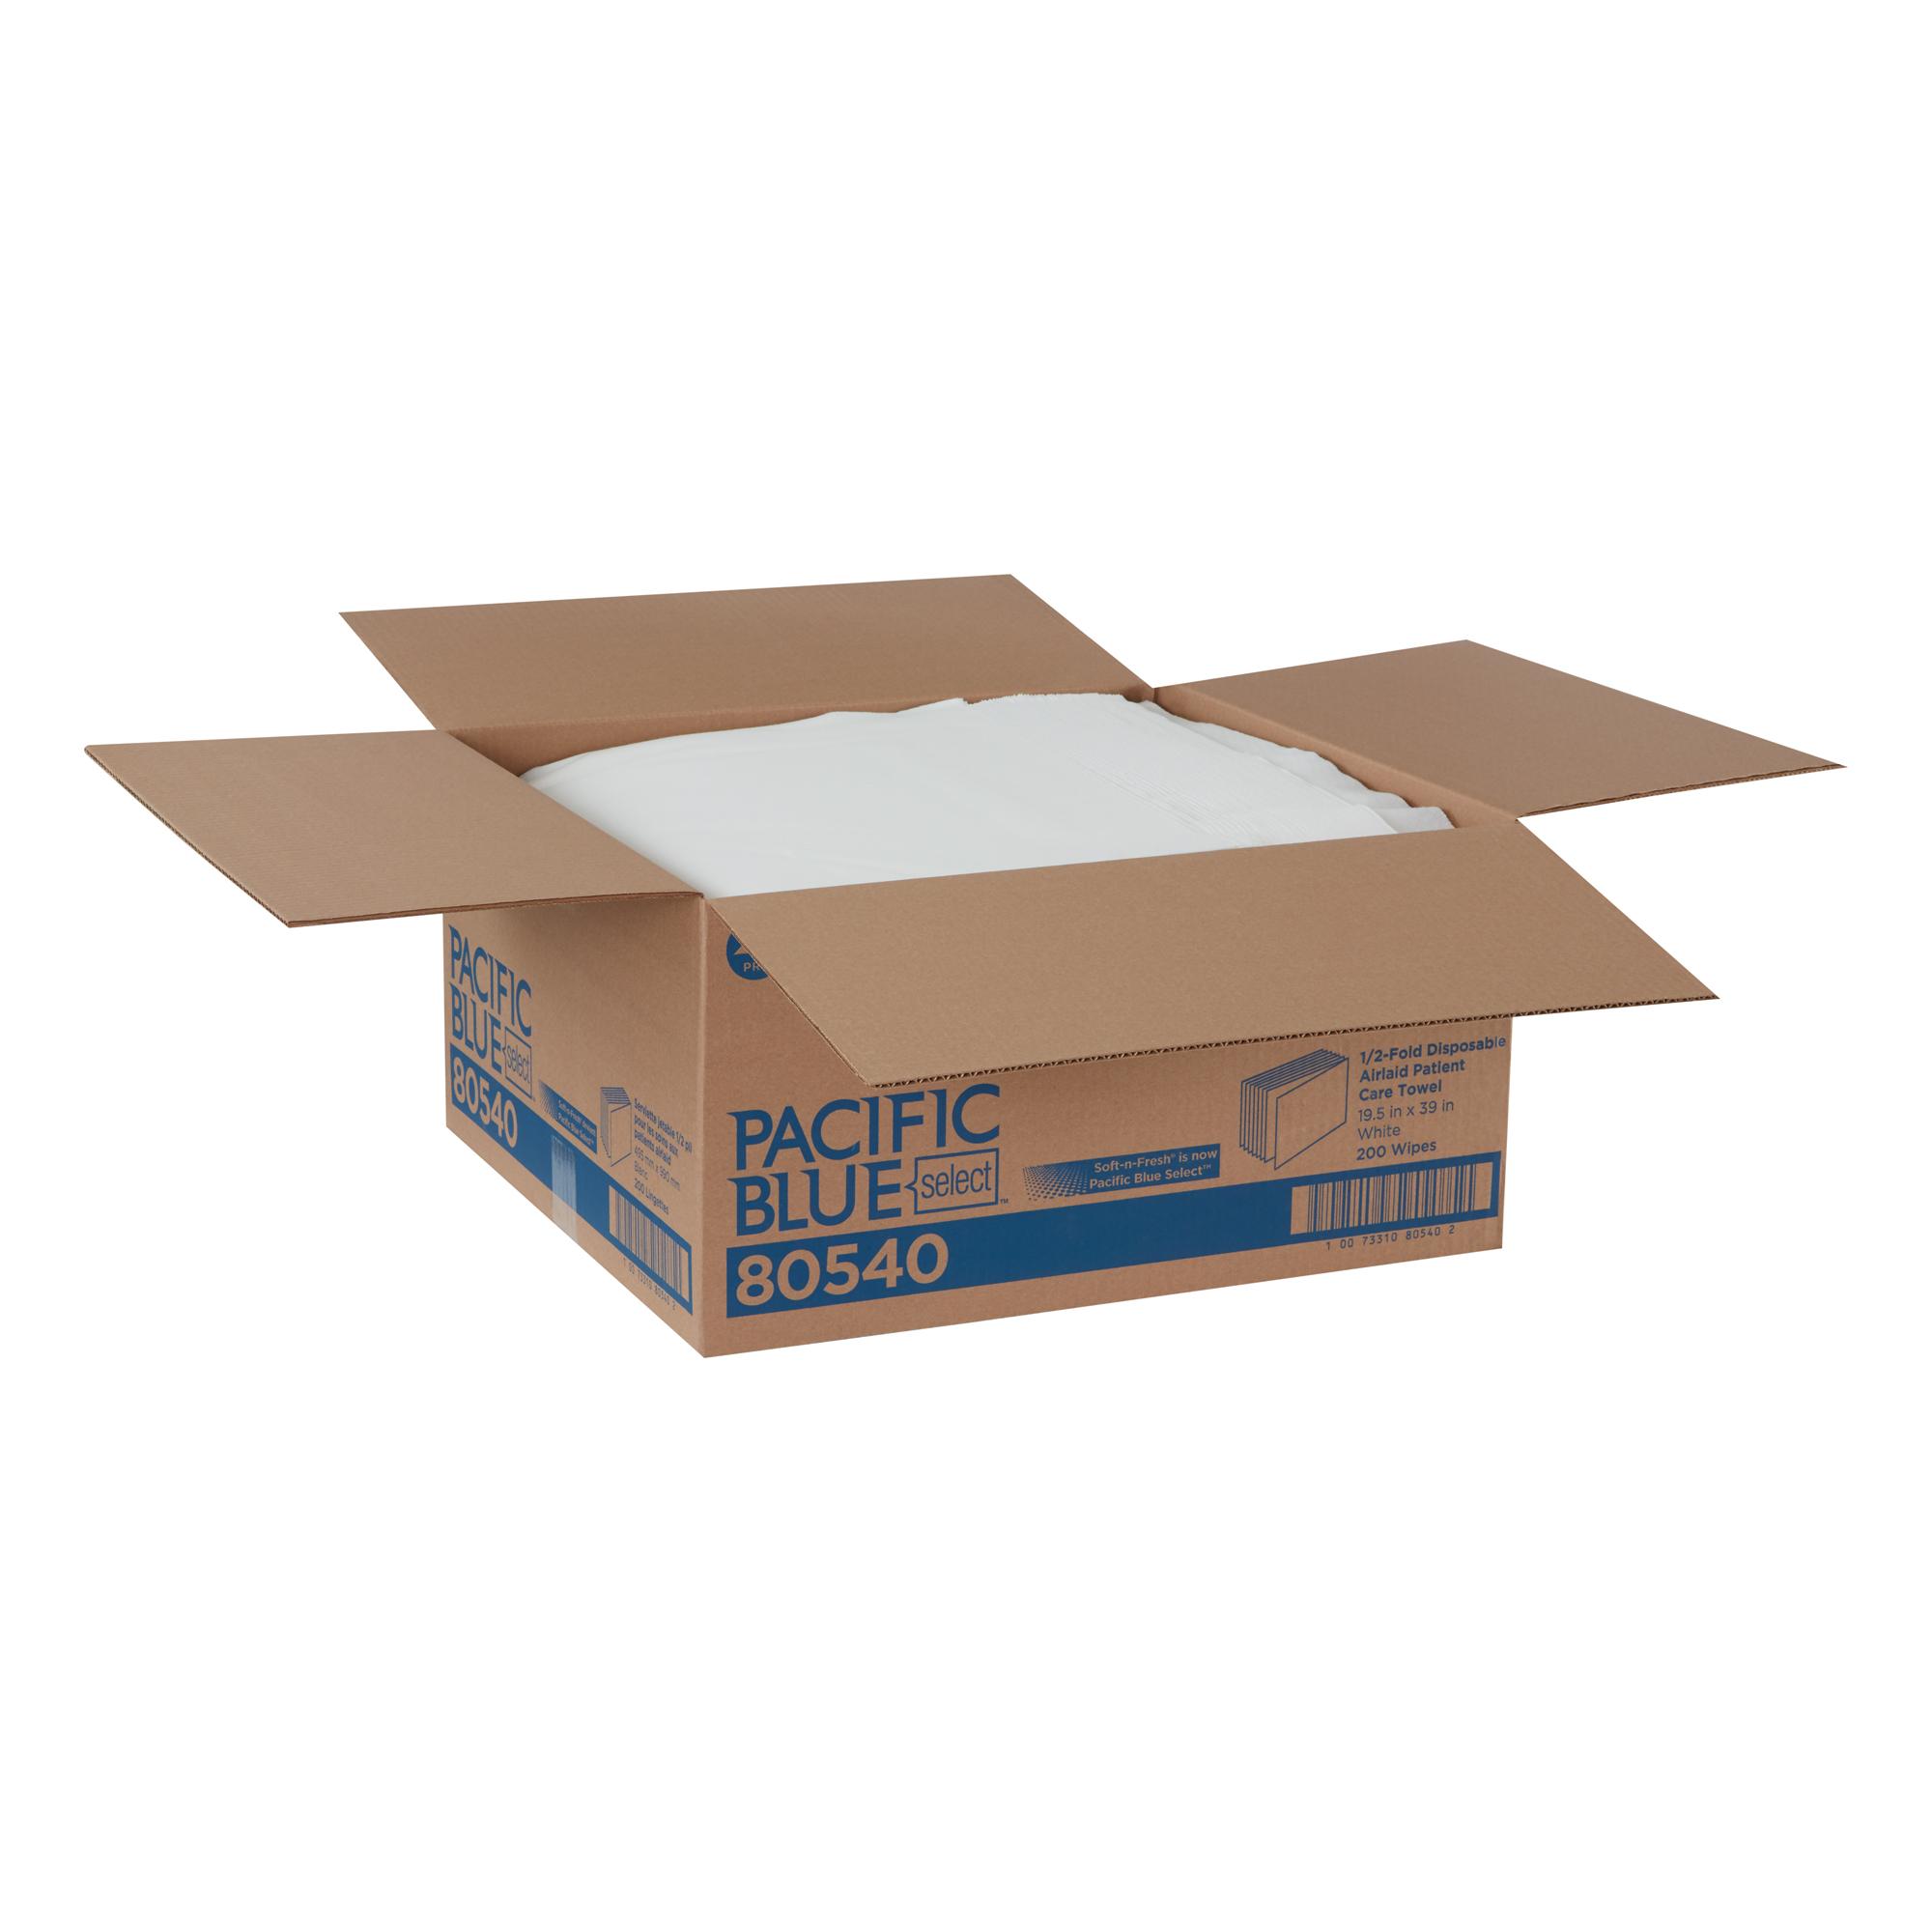 GP PRO Pacific Blue Select  A300 Disposable Patient Care Bath Towel, 1/2-Fold, White